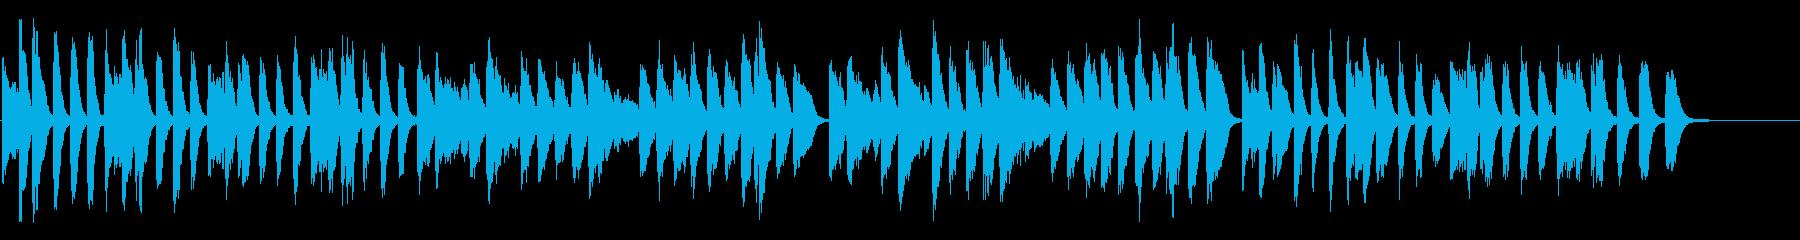 シューマン 可愛く元気なピアノ曲 高音質の再生済みの波形